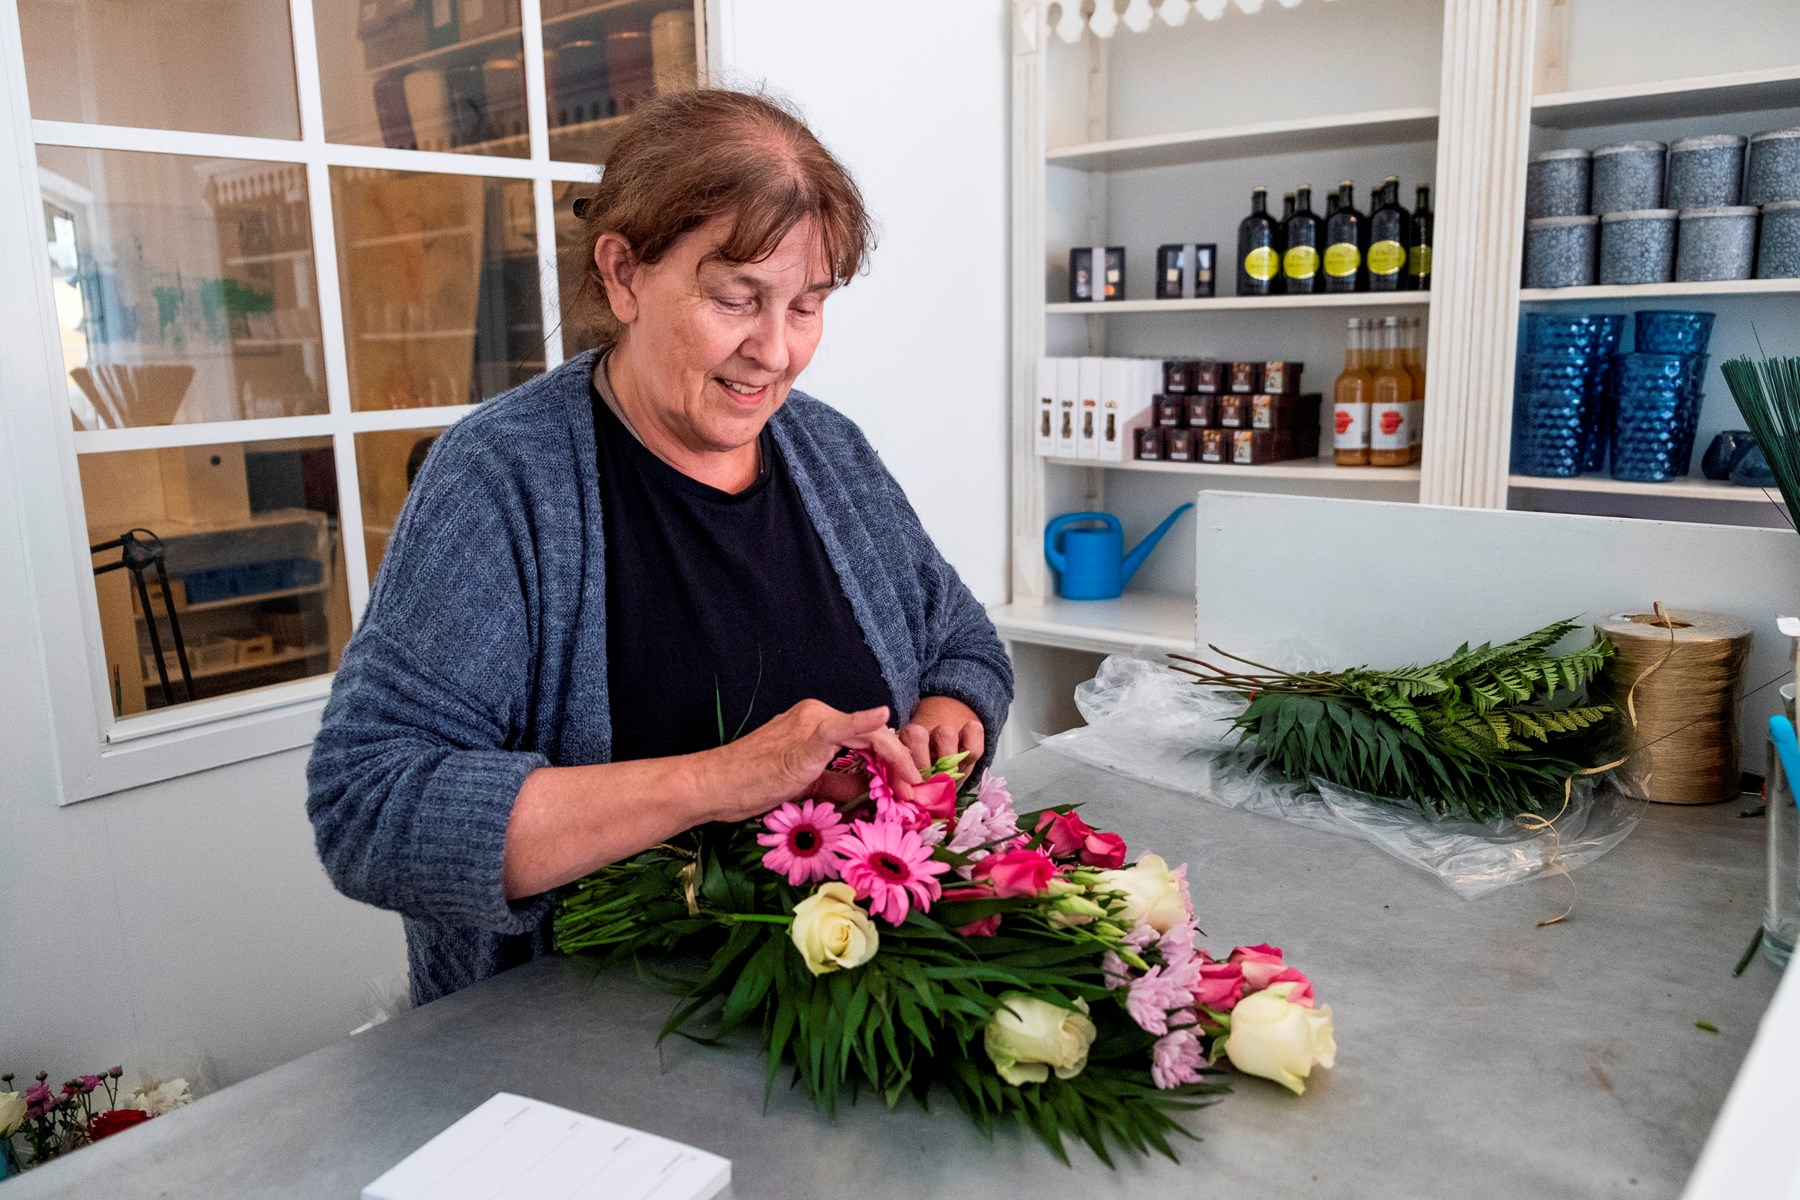 Blomsterbutik ramt af brand - men er flyttet ind hos fantastisk nabo